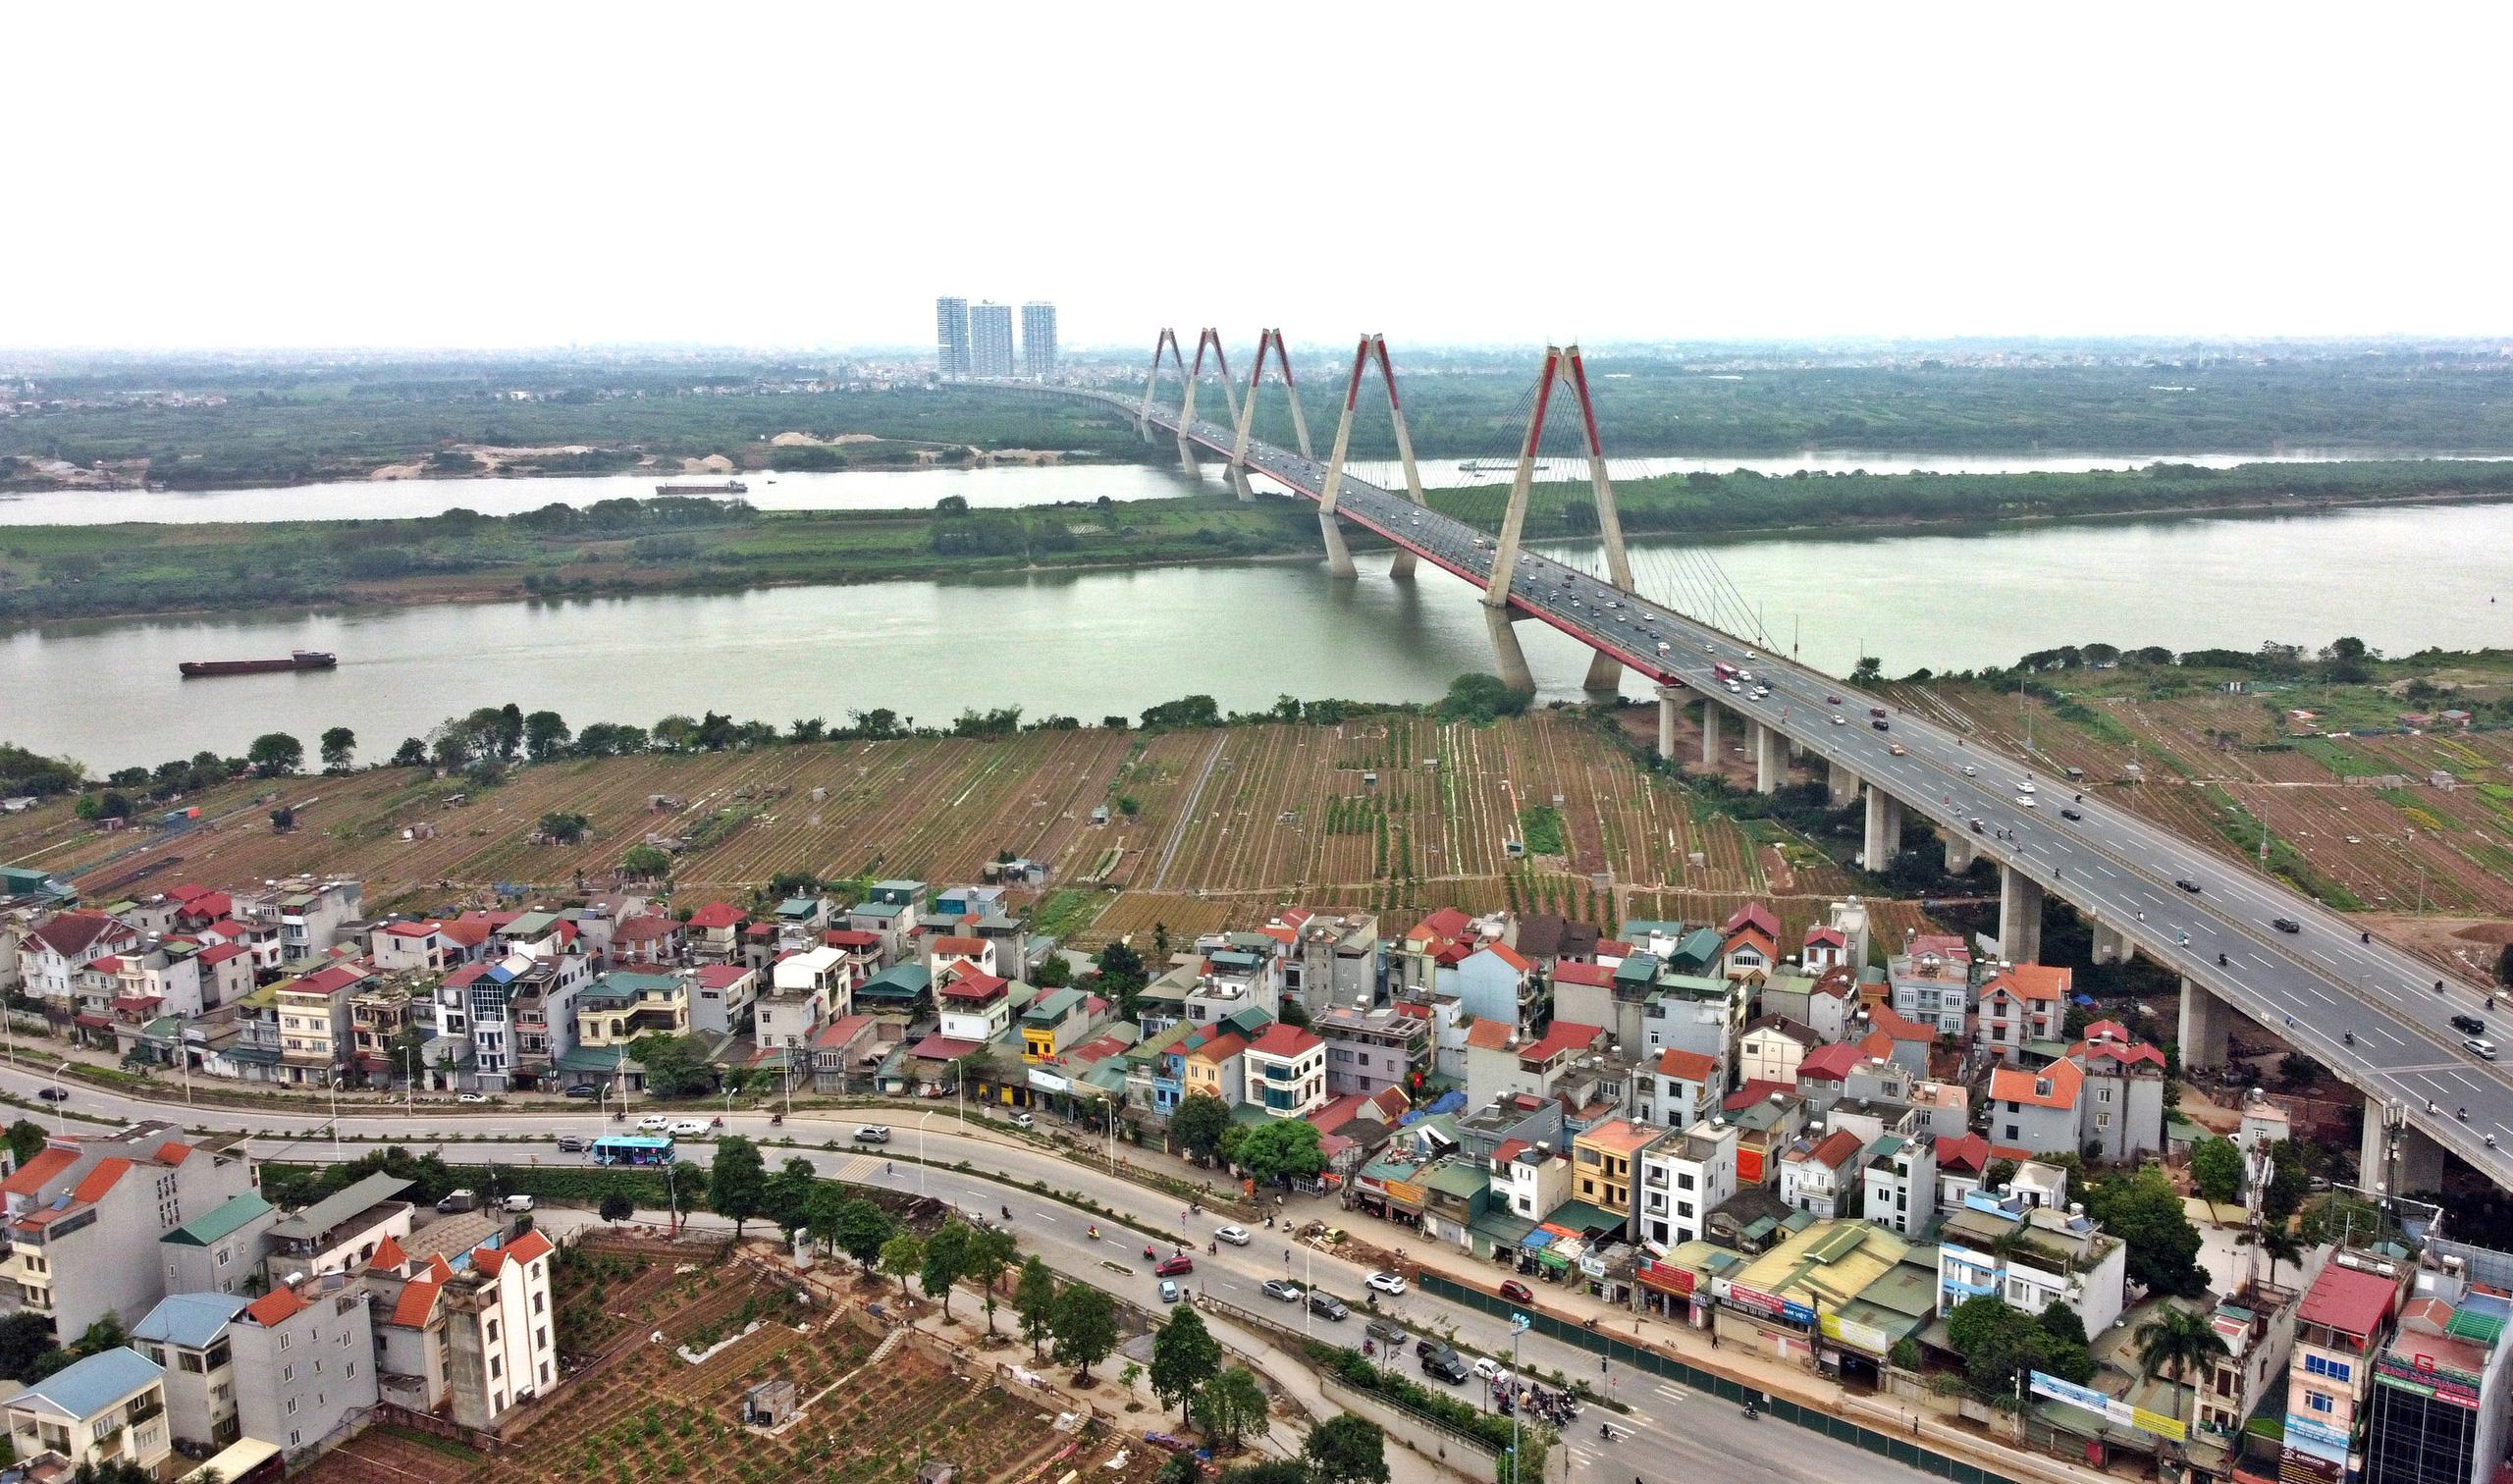 Phân khu đô thị sông Hồng chưa duyệt, nhà ở riêng lẻ ngoài đê có thể được cấp phép xây dựng - Ảnh 1.